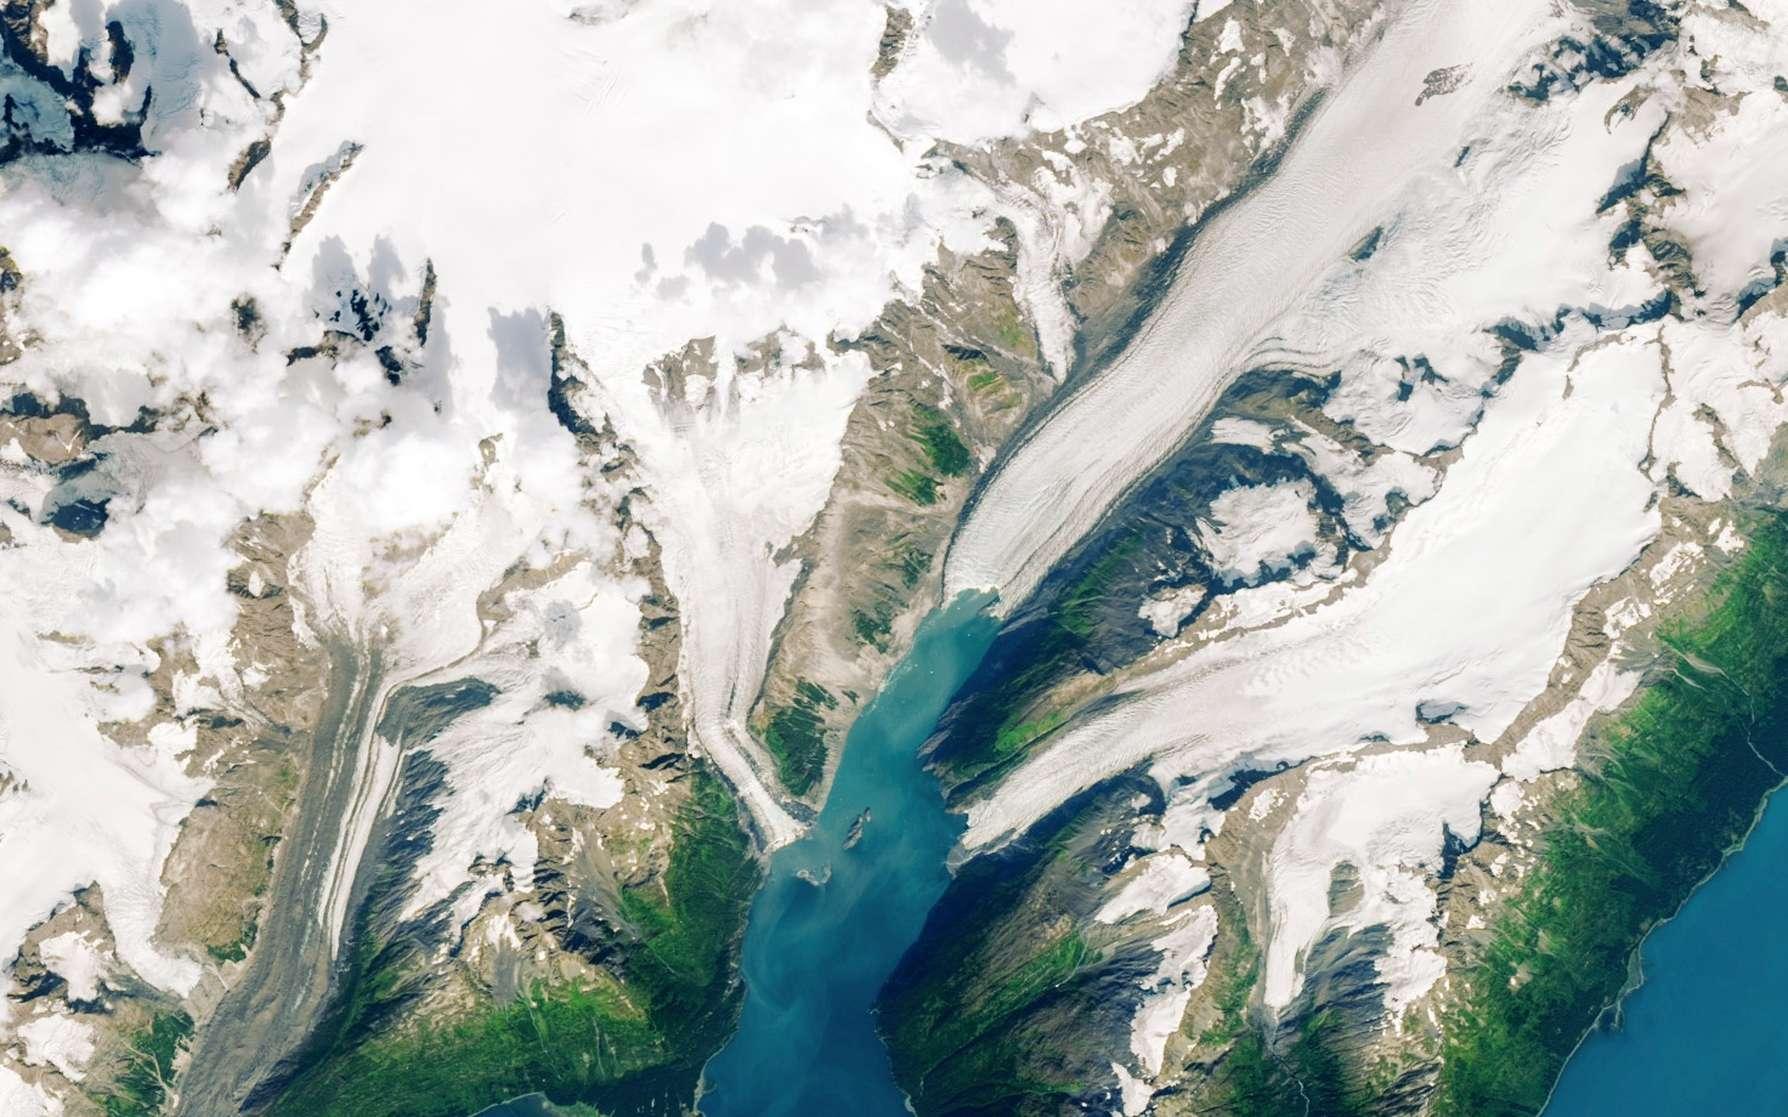 Le fjord de Barry Arm en août 2019. La montagne qui menace de s'écrouler est au centre de l'image satellite. © Nasa